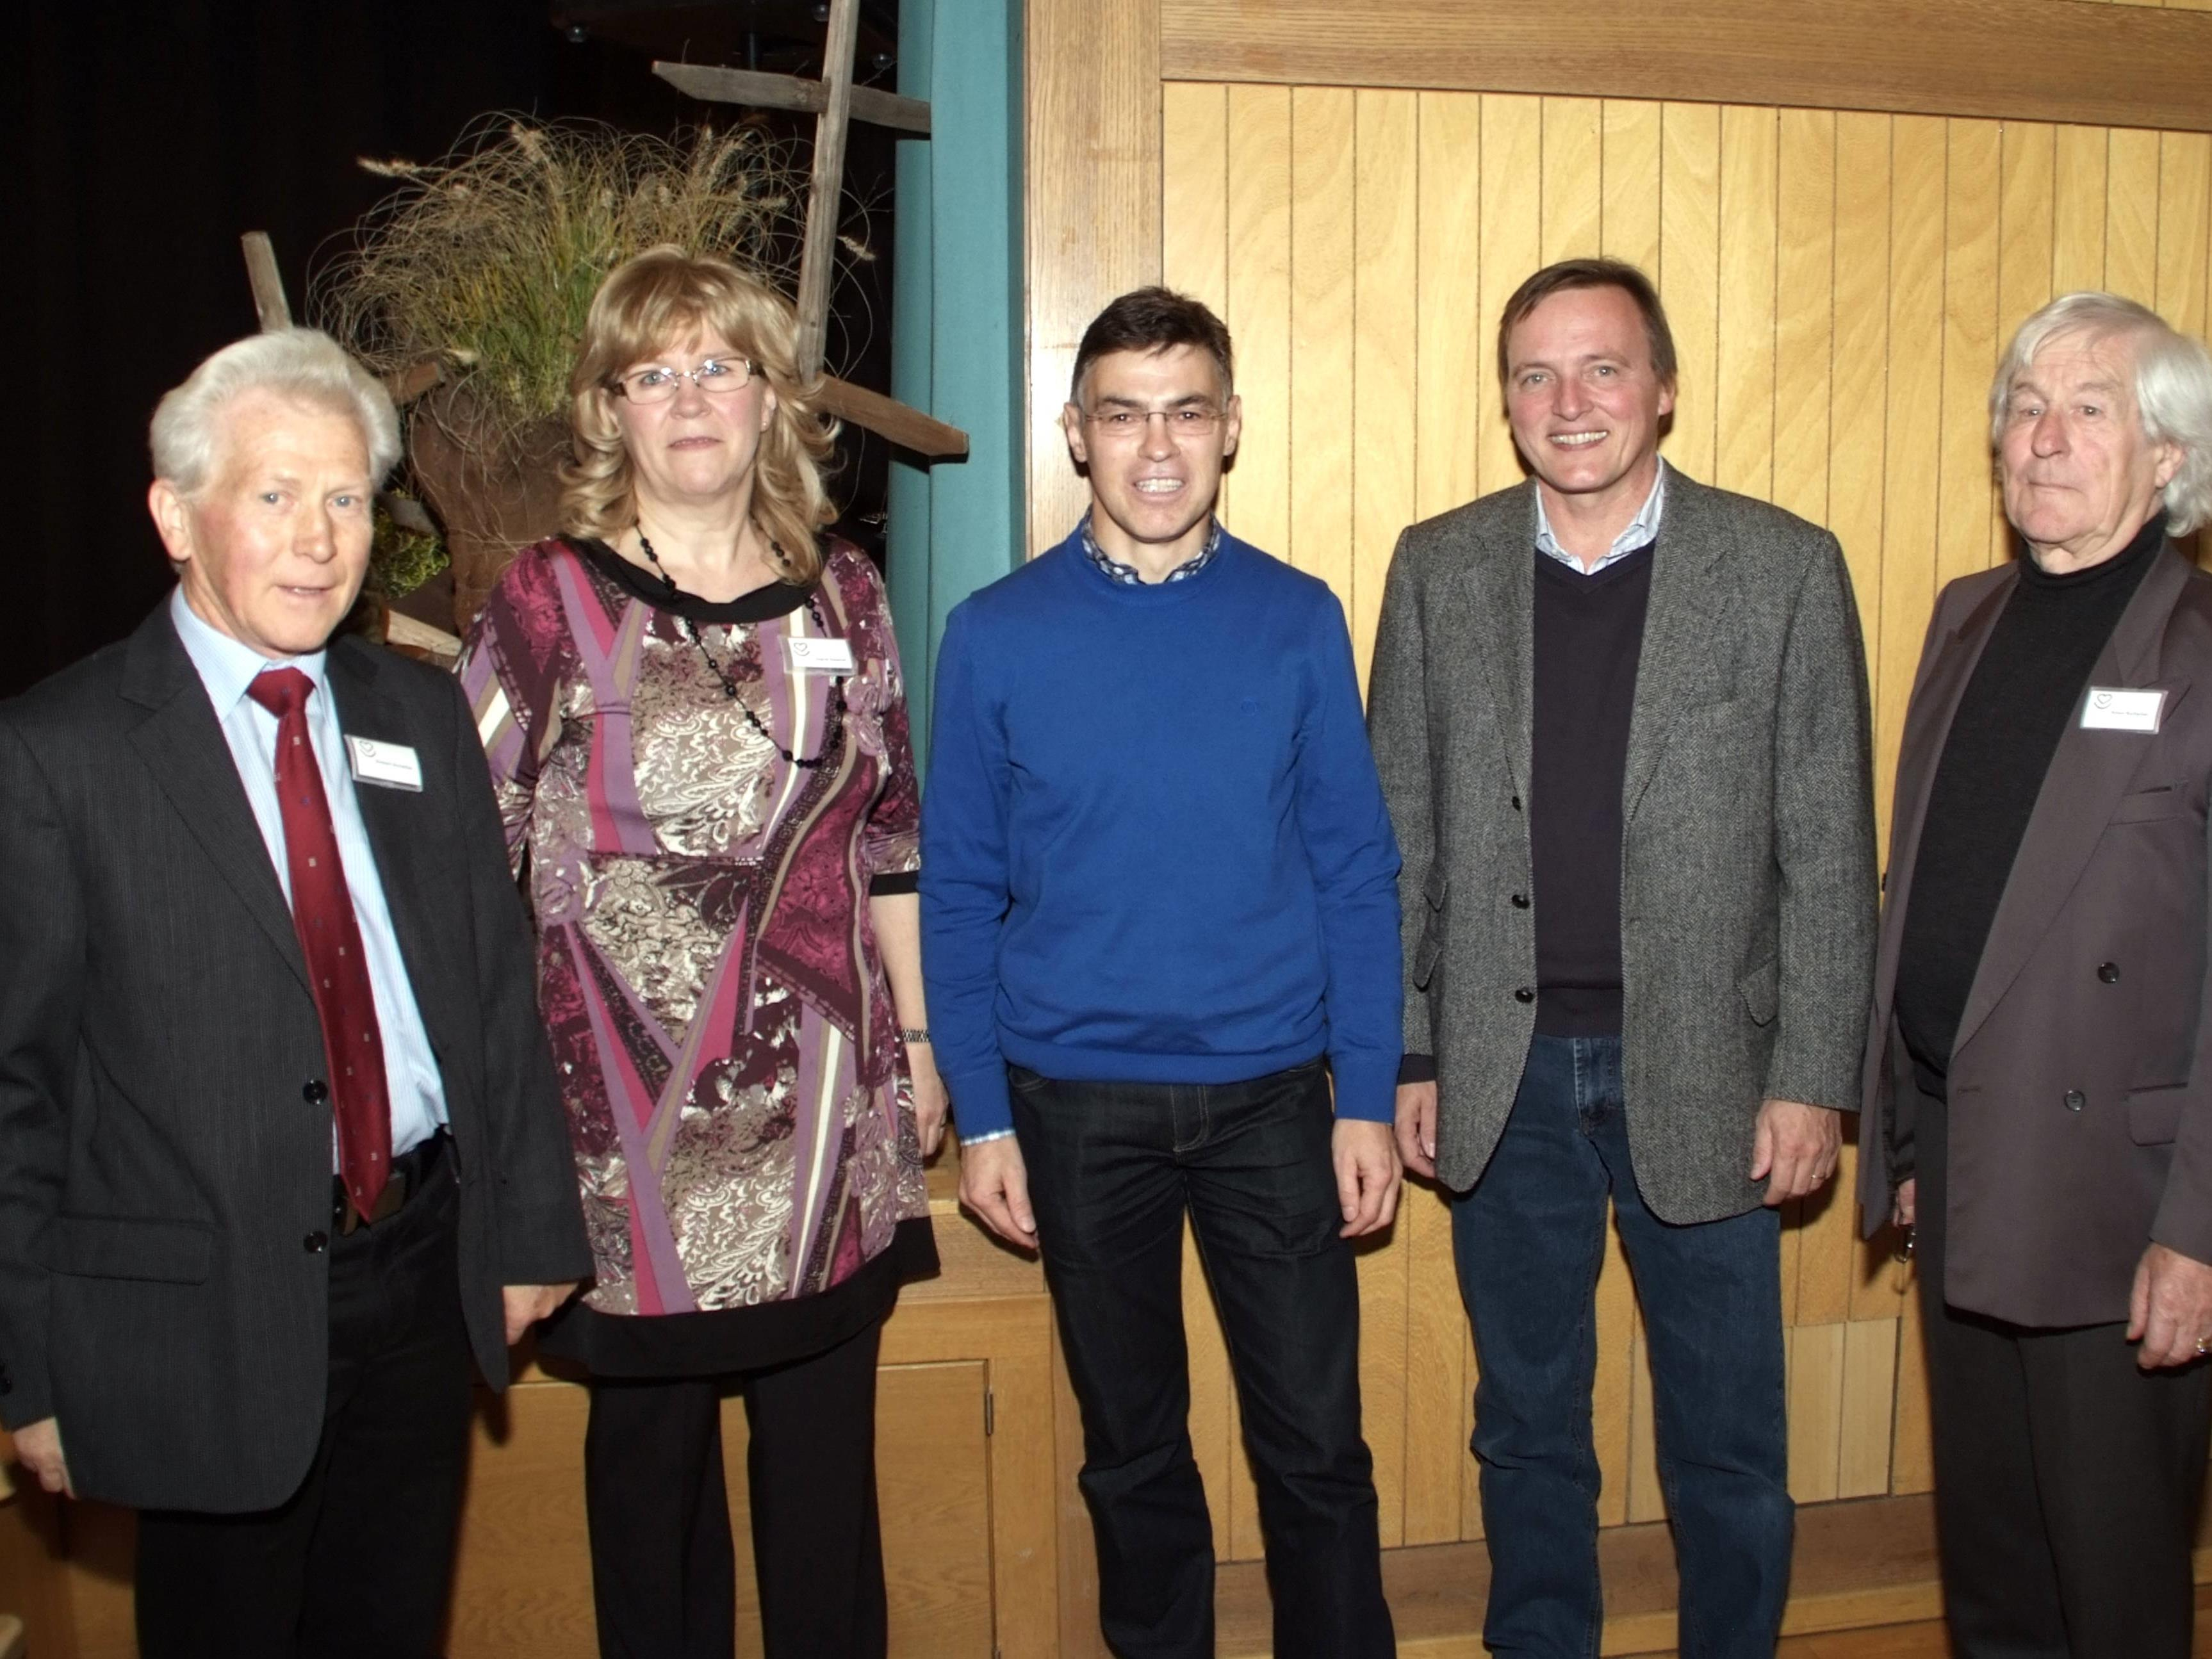 Partnersuche kreis in fieberbrunn - Treffen in irschen